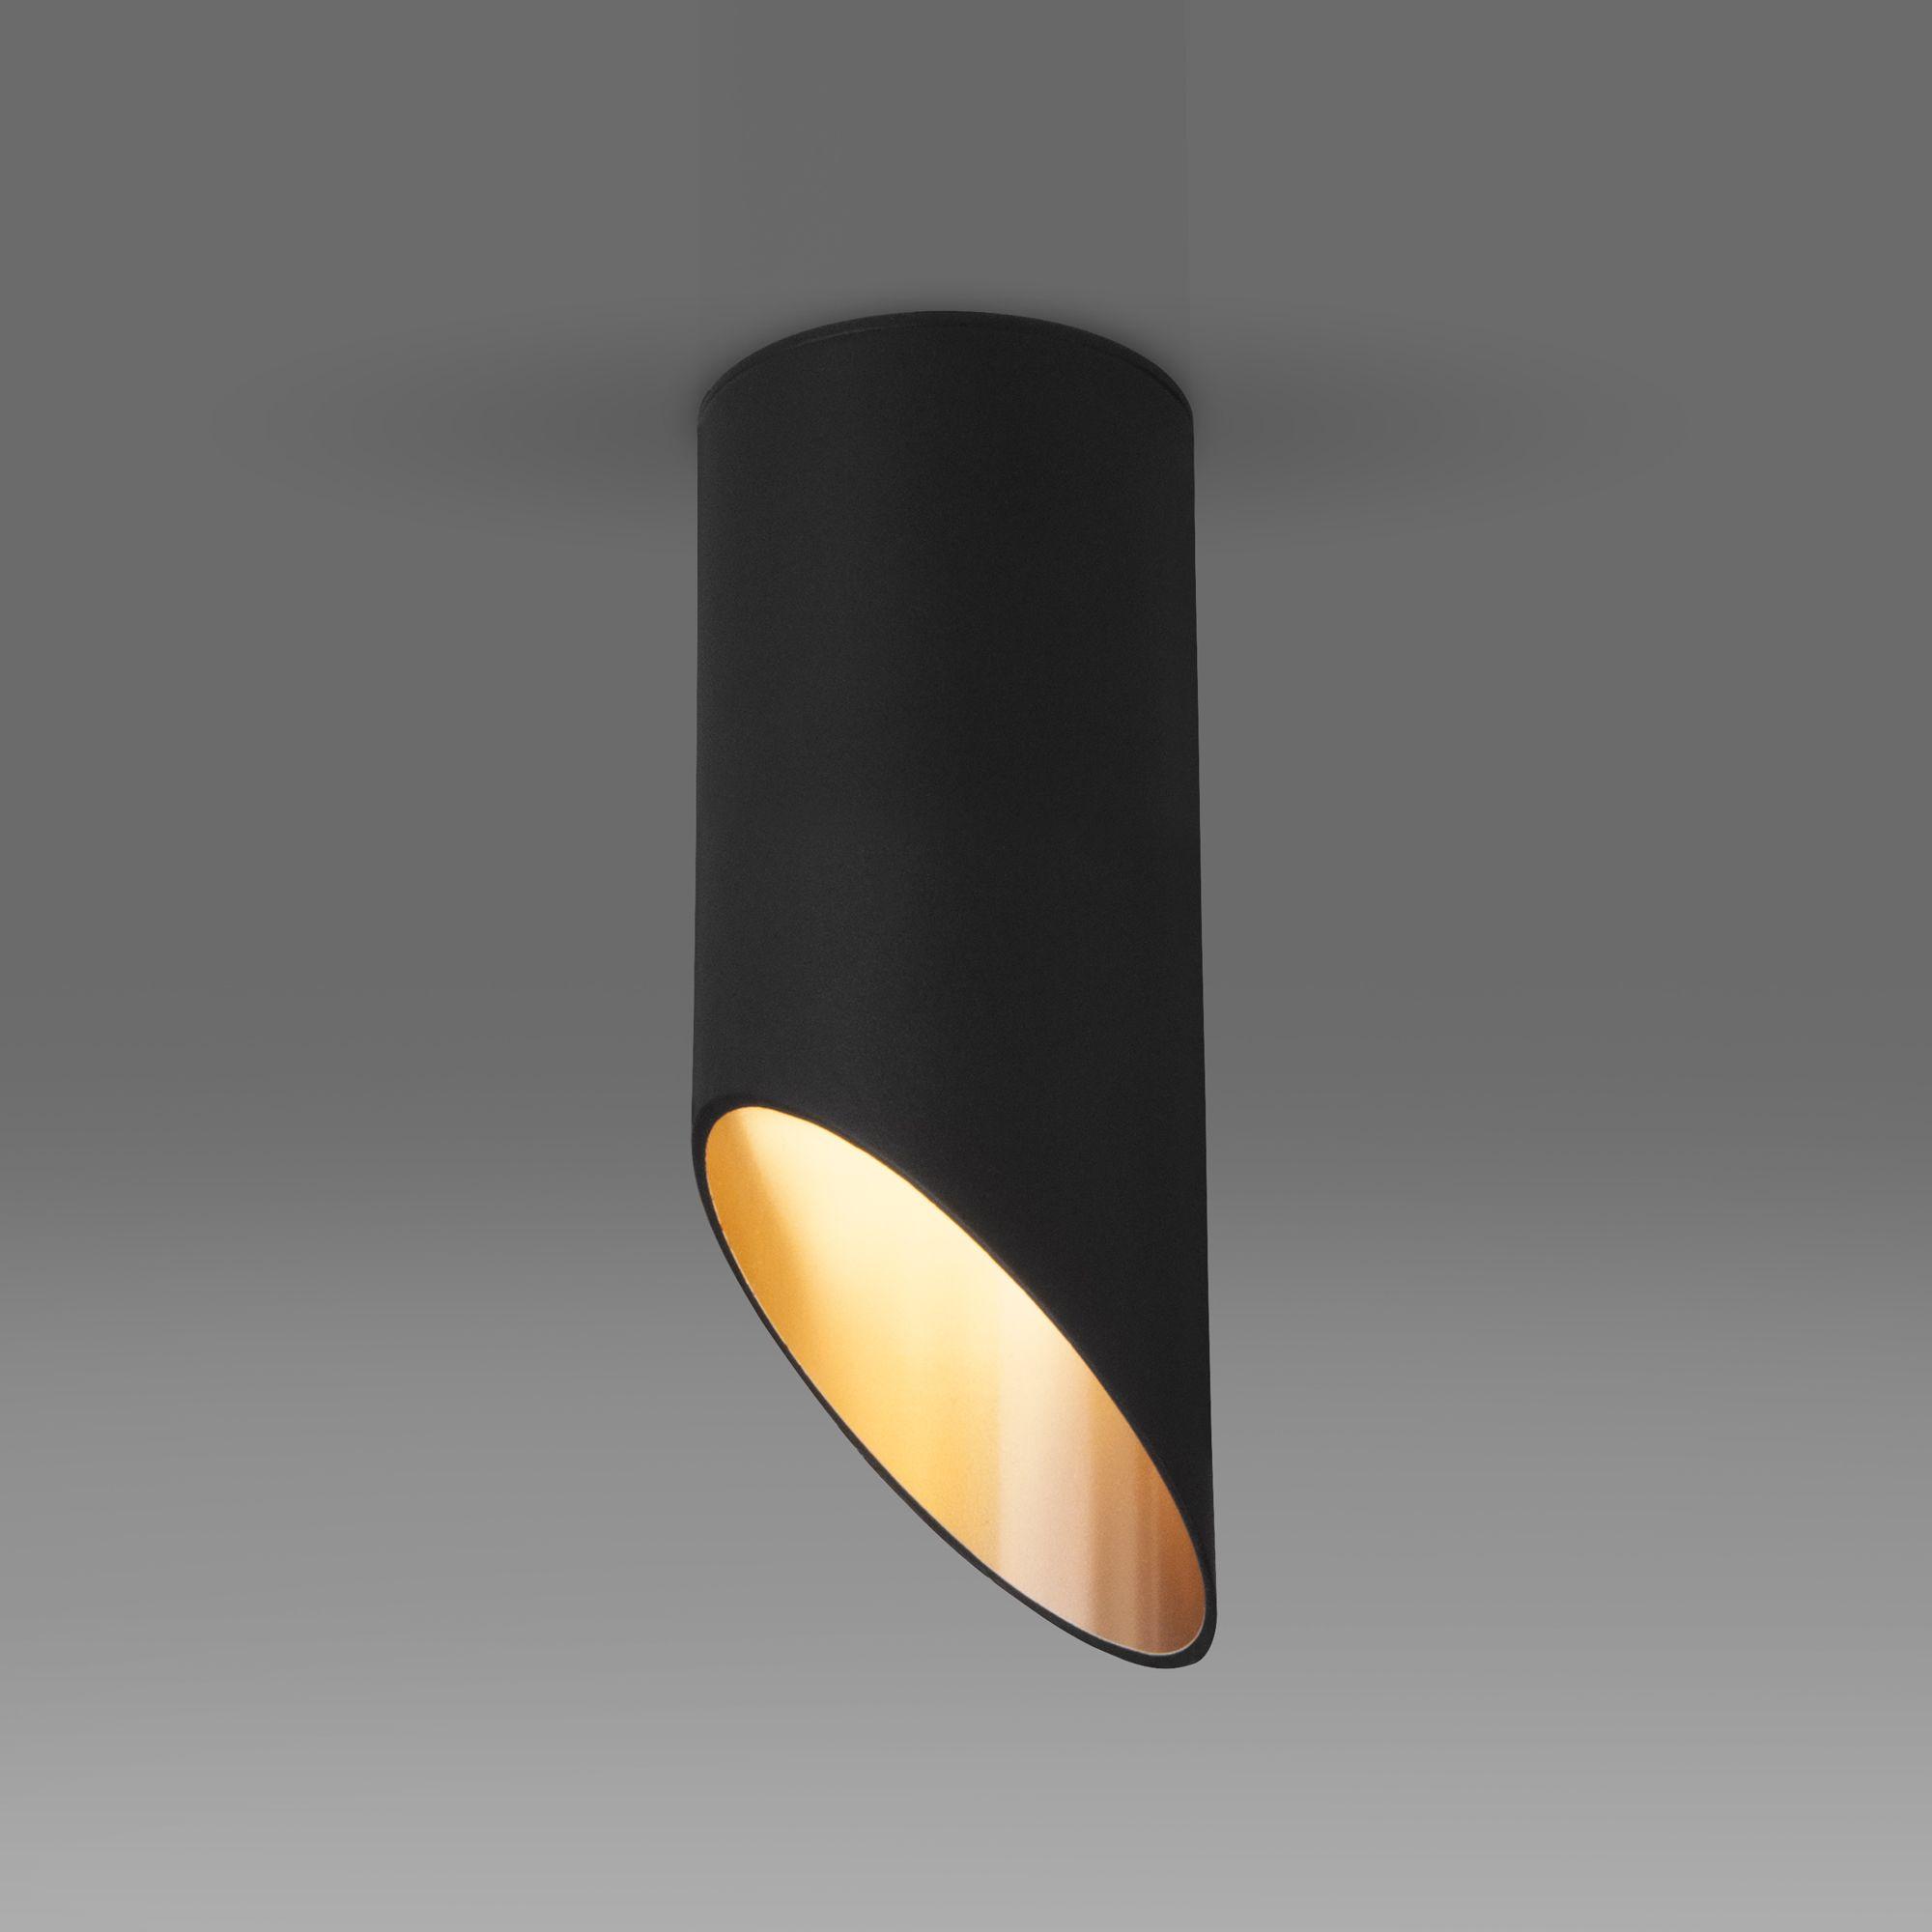 Накладной акцентный светильник DLN114 GU10 черный/золото